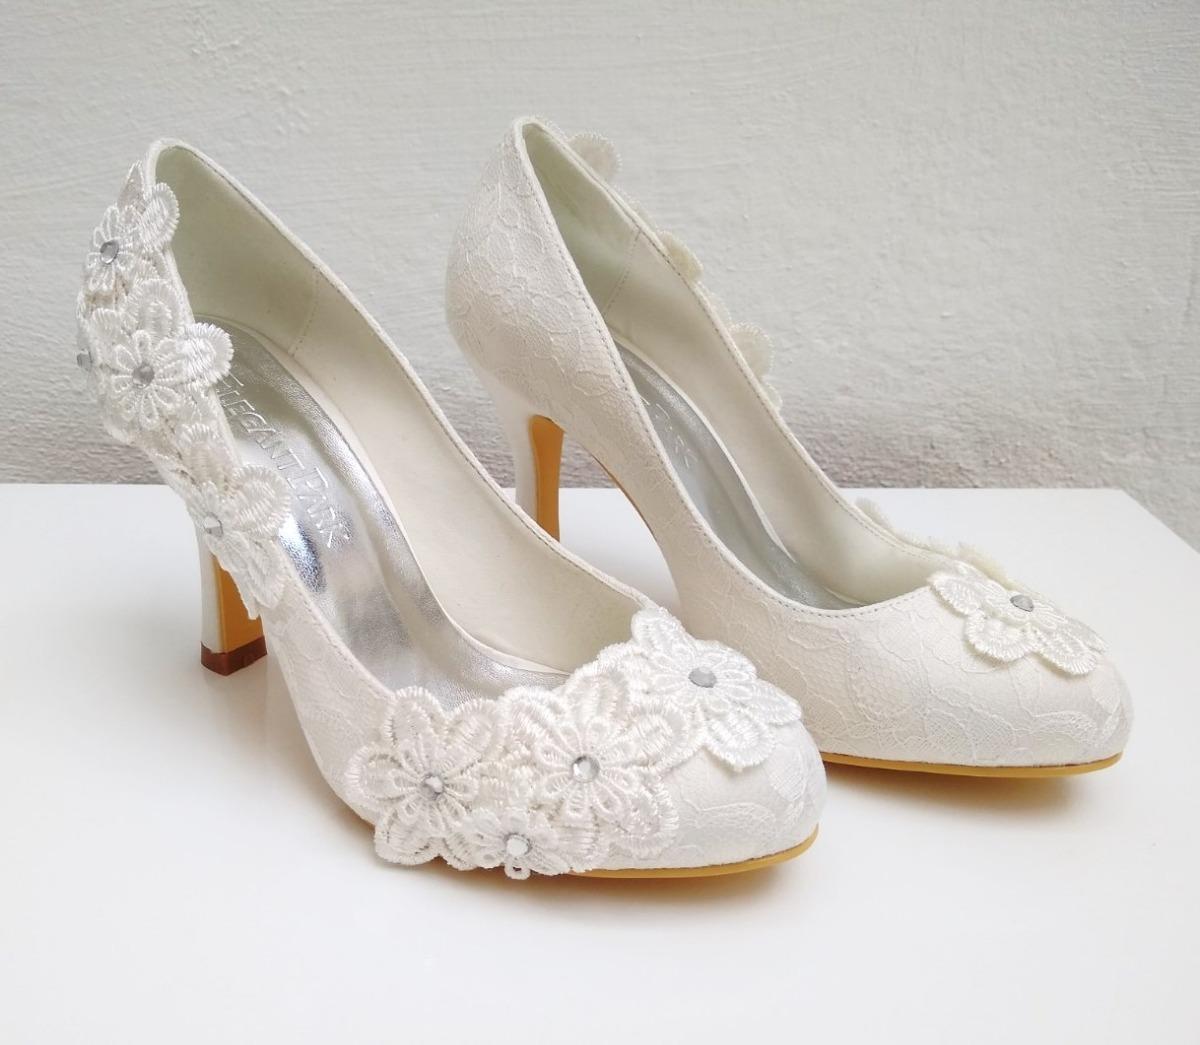 fa9e99e605 Sapato Branco Casamento Noiva Salto Alto Tam.35 - R$ 211,97 em ...